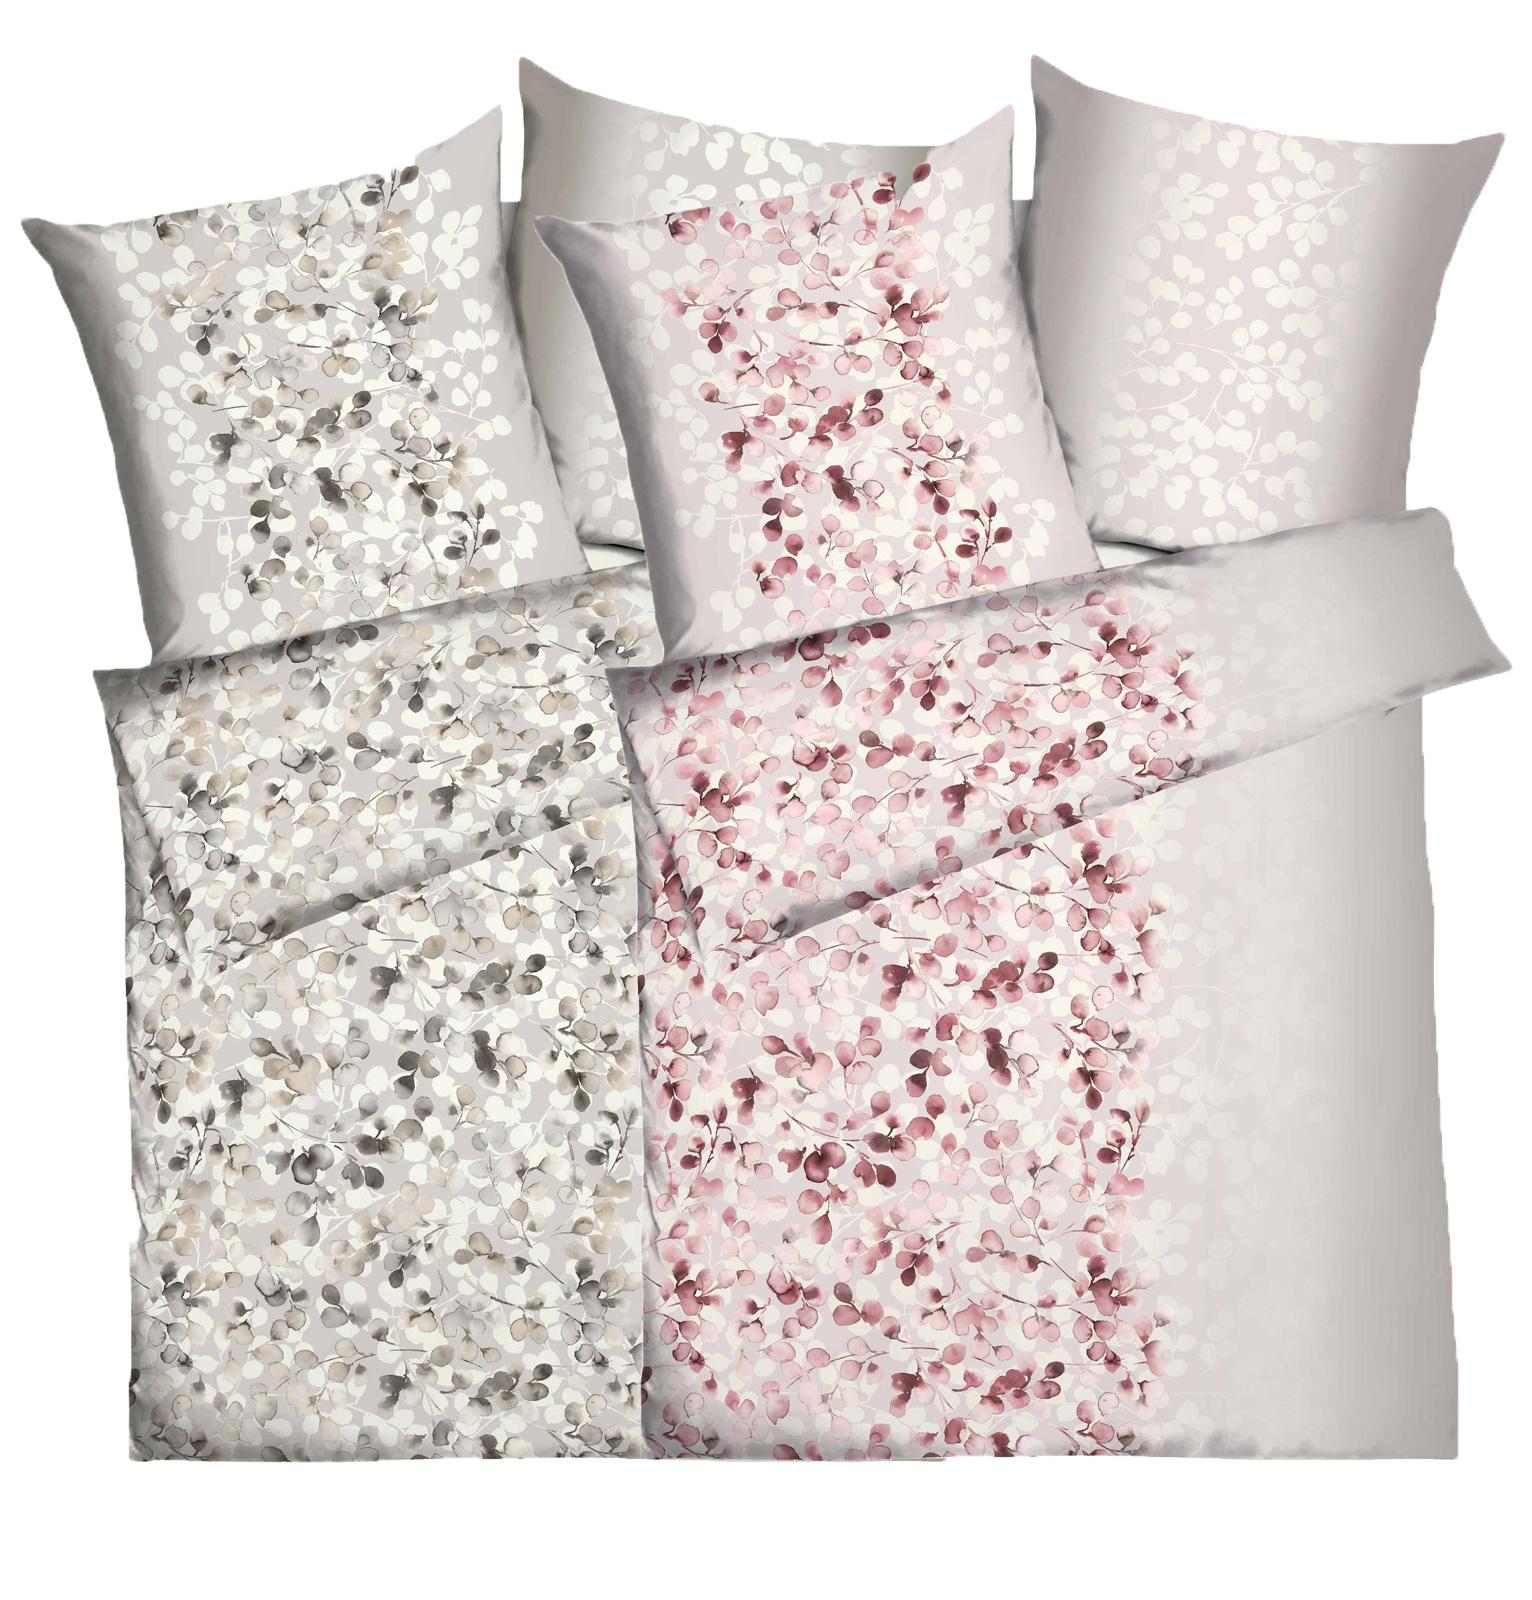 Bettwäsche - Kaeppel Mako Satin Bettwäsche 100 Baumwolle Elva Aufbewahrungsbeutel  - Onlineshop PremiumShop321